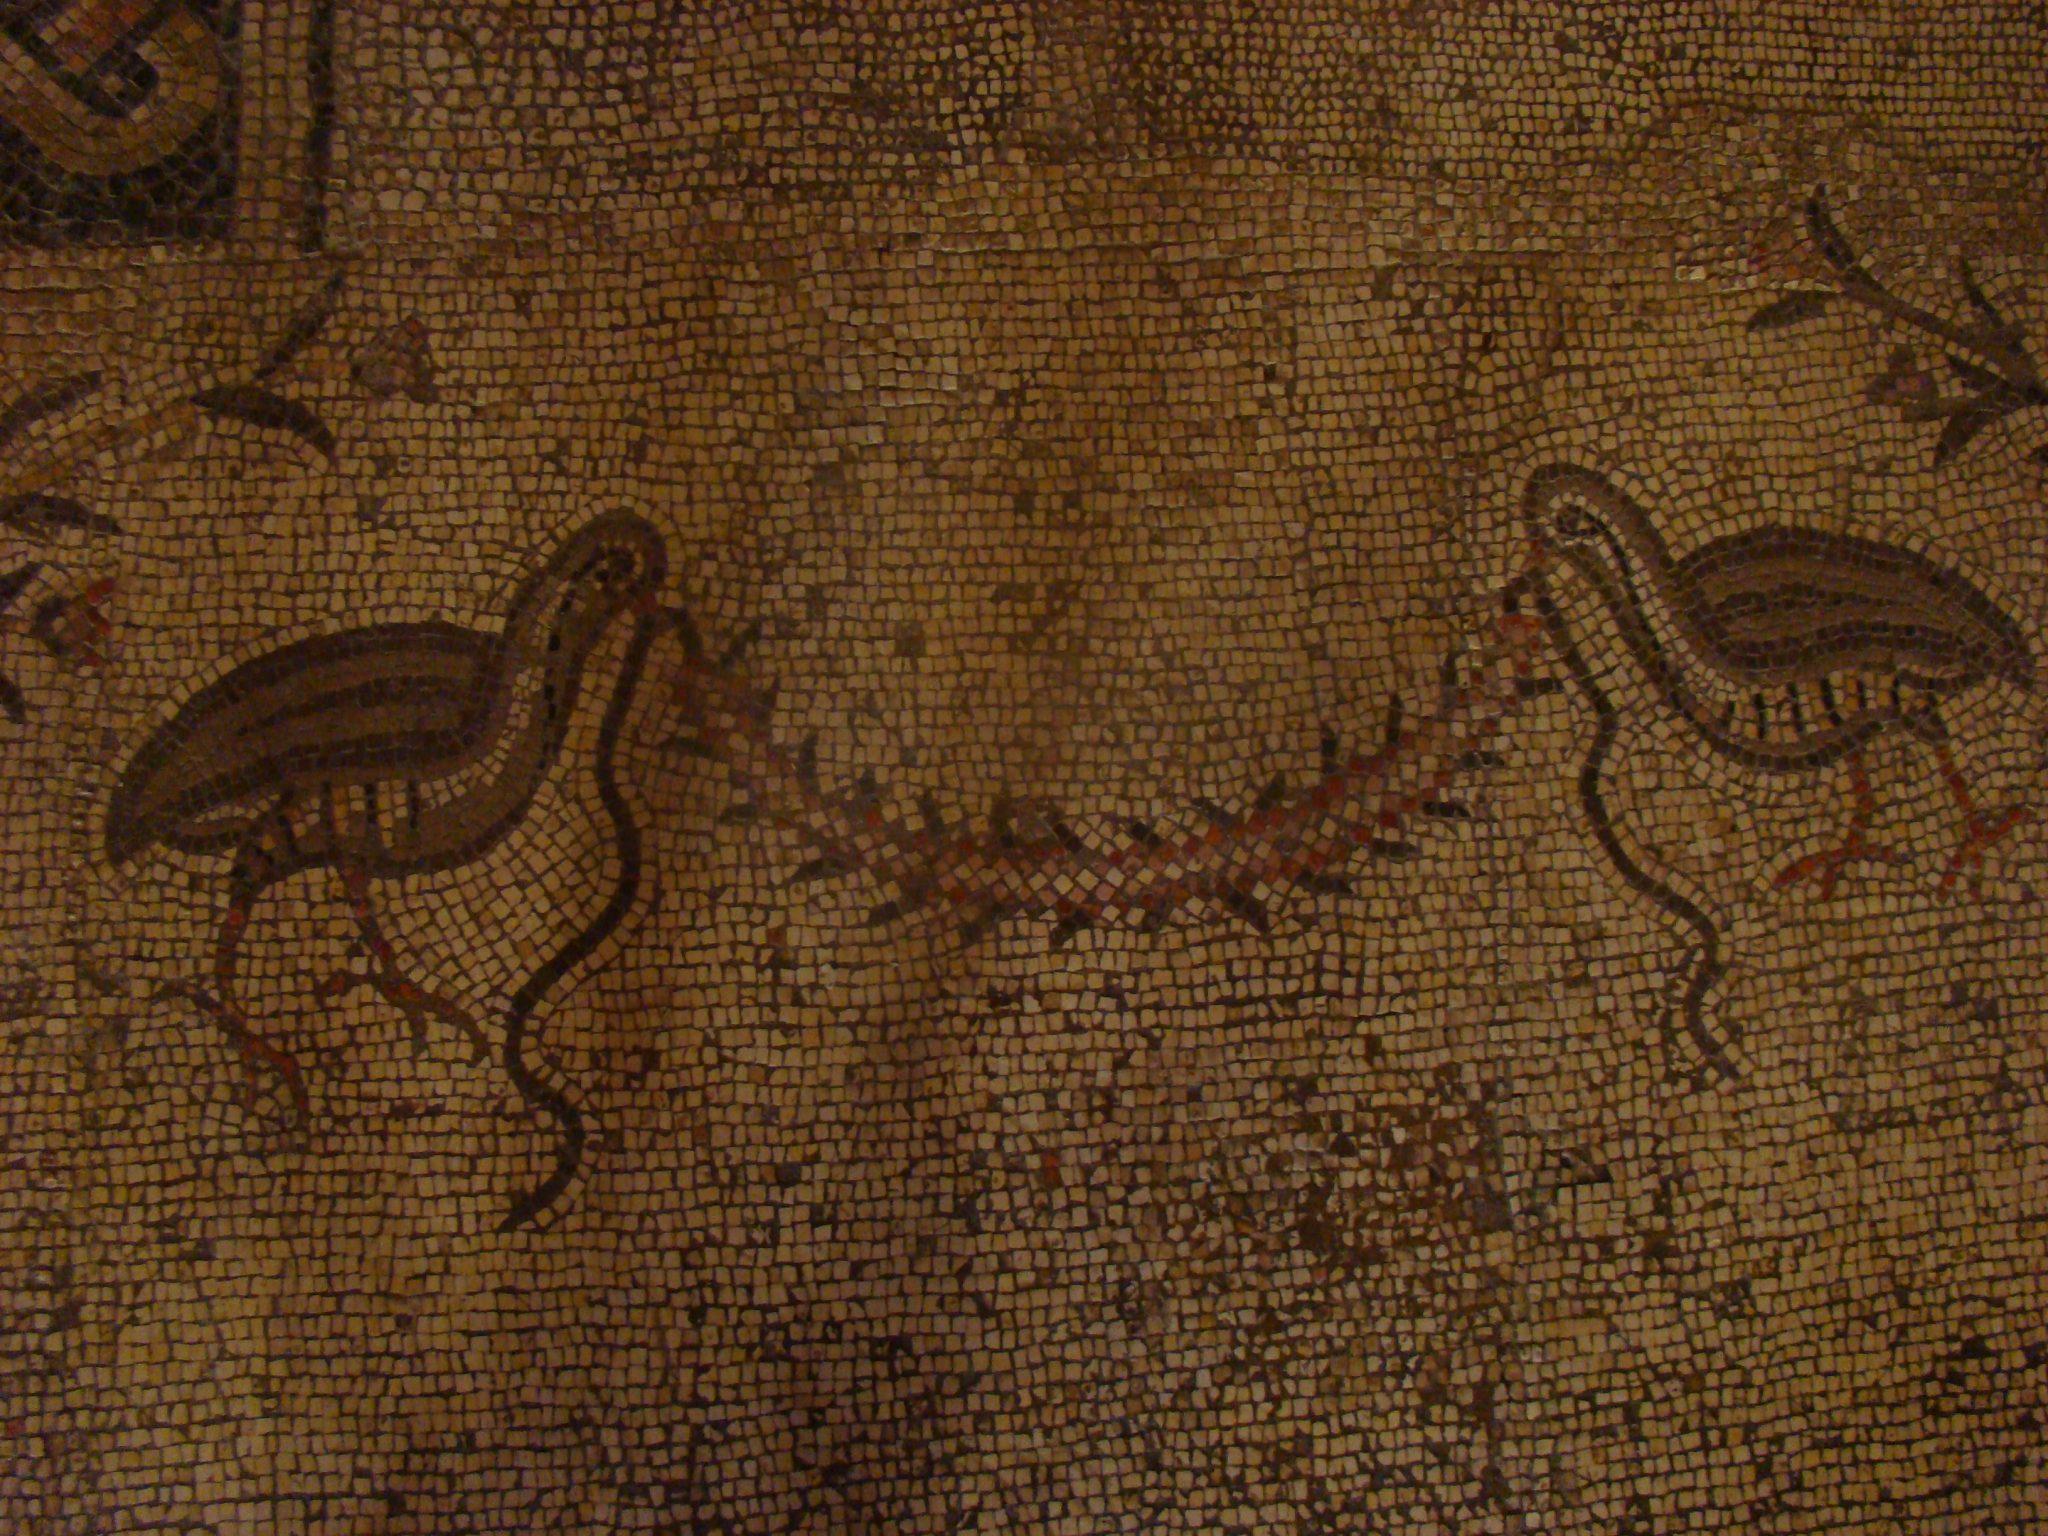 פסיפס בכנסיית הלחם והדגים, טיילת הבשורה בצפון הכינרת